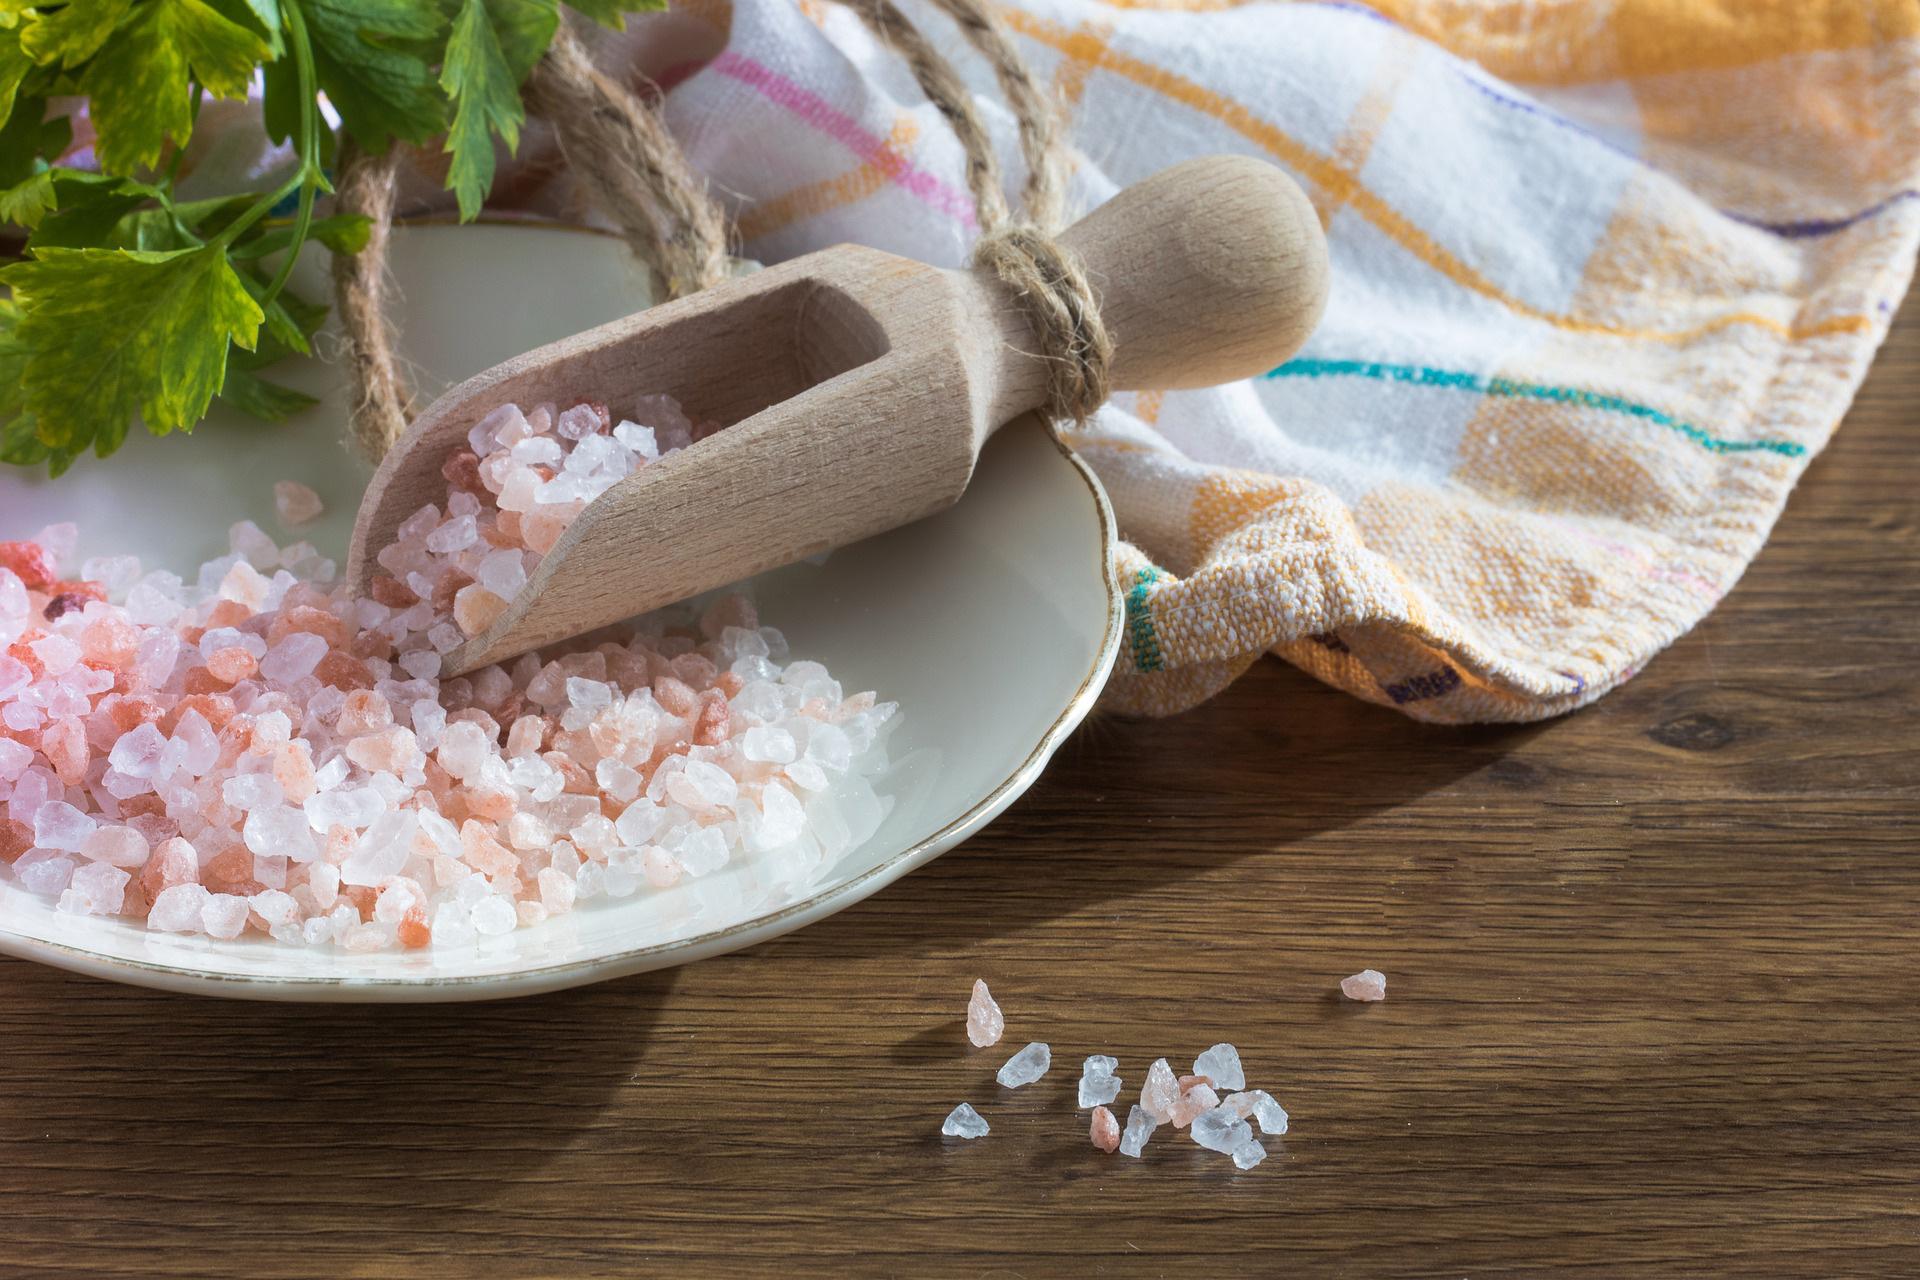 Мифы о йодированной соли, в которые пора перестать верить